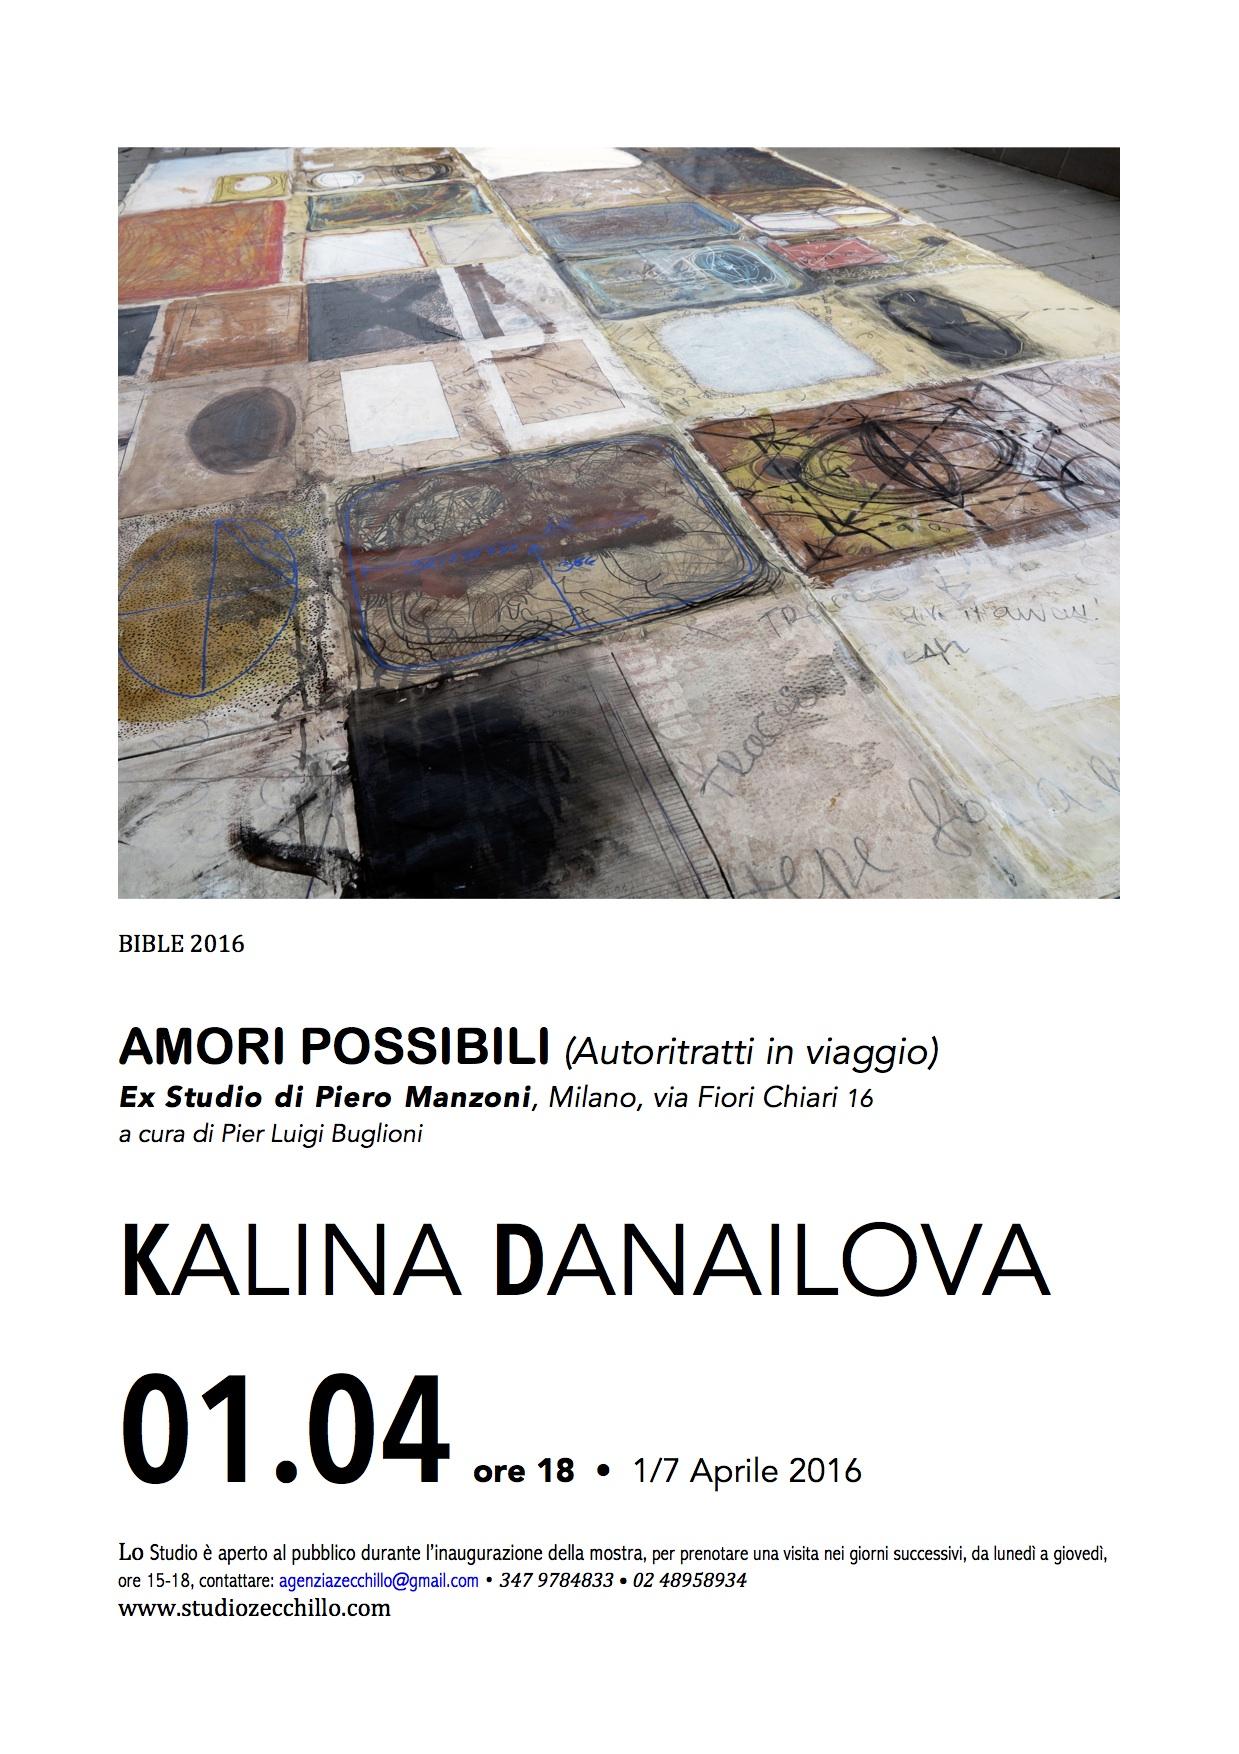 BIBLE 2016_Kalina